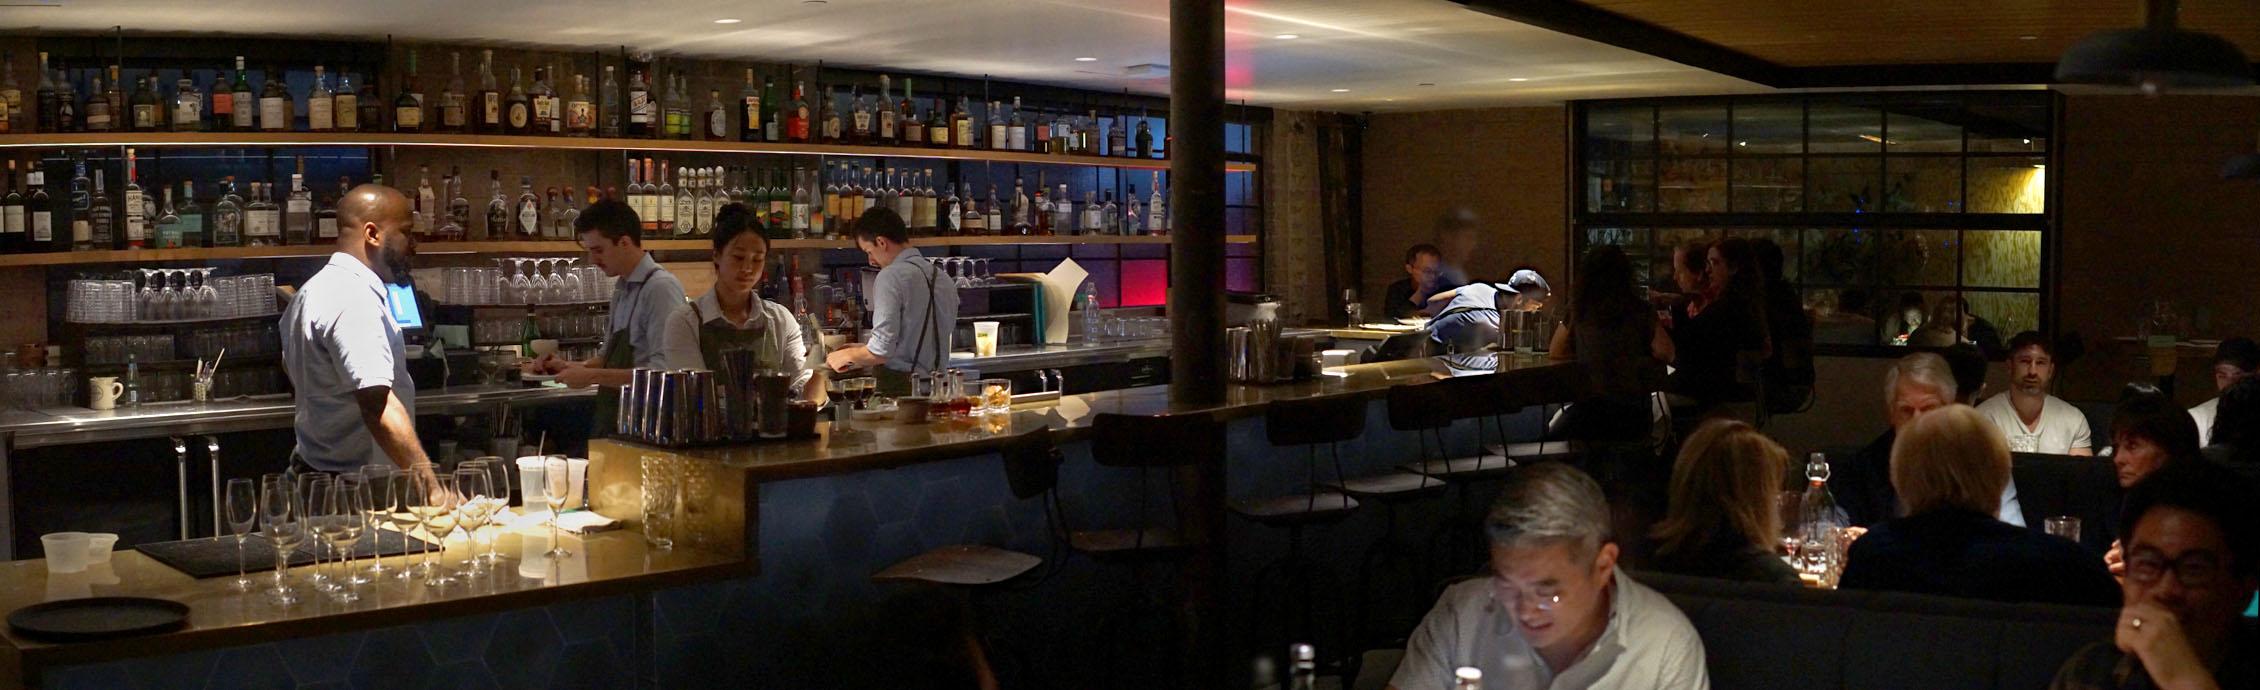 Birdie G's Bar